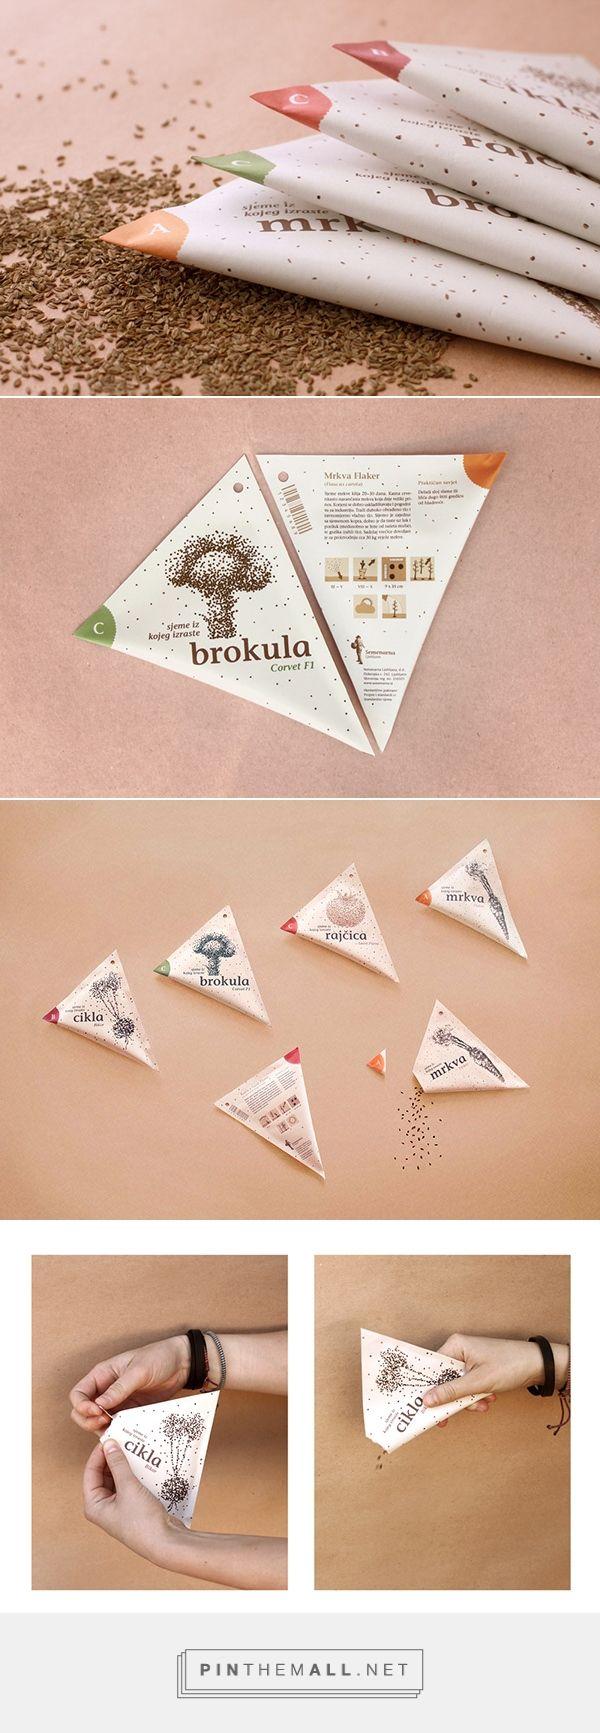 Seed packaging  / Martina Ukic